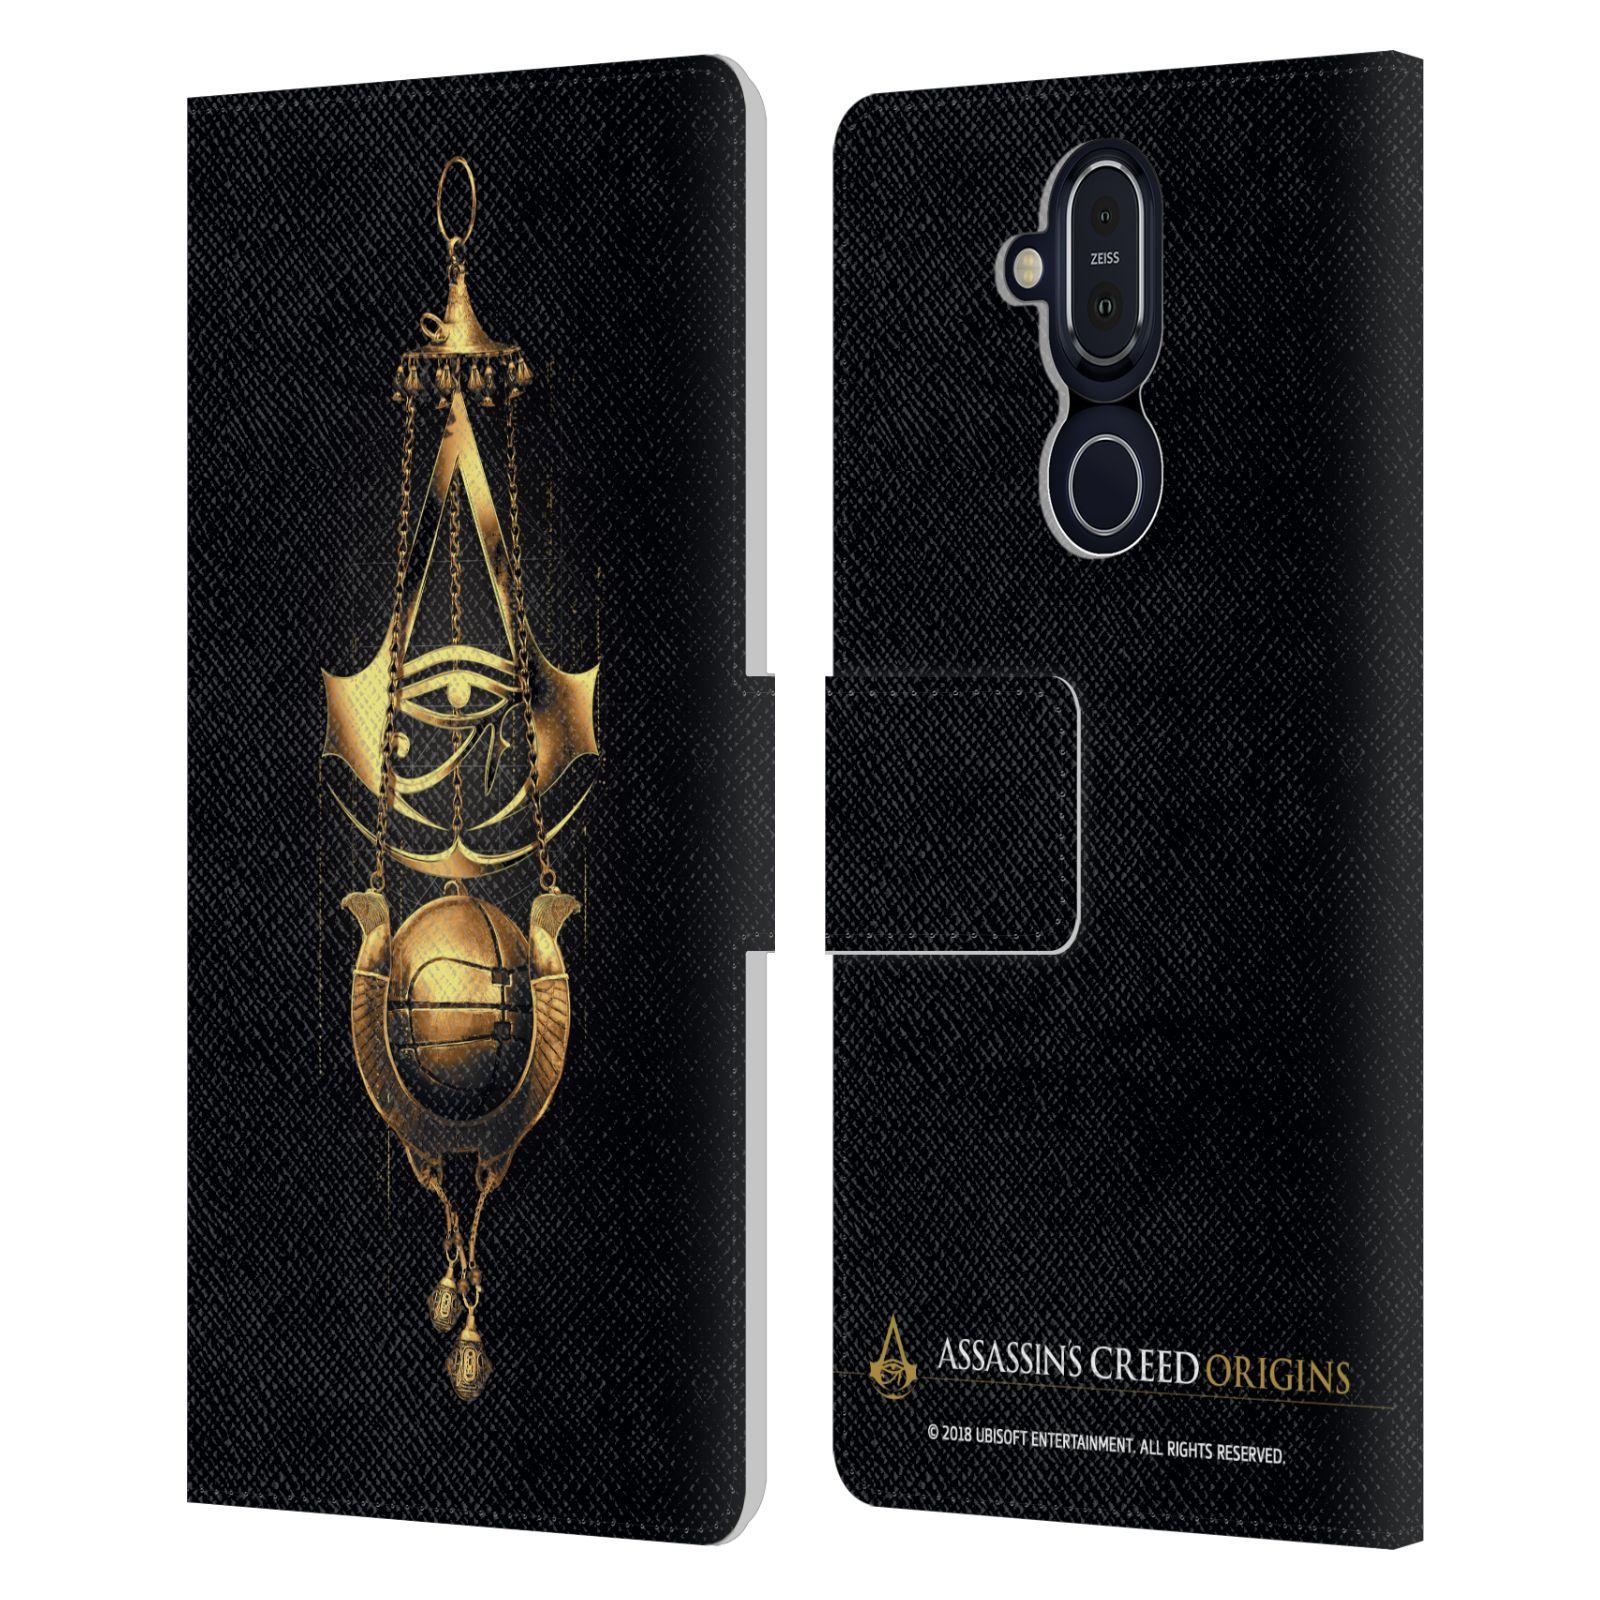 5.3 6.2 7.2 引出物 オフィシャル Assassin's Creed レザー手帳型ウォレットタイプケース Nokia クレスト 電話 全品最安値に挑戦 Origins